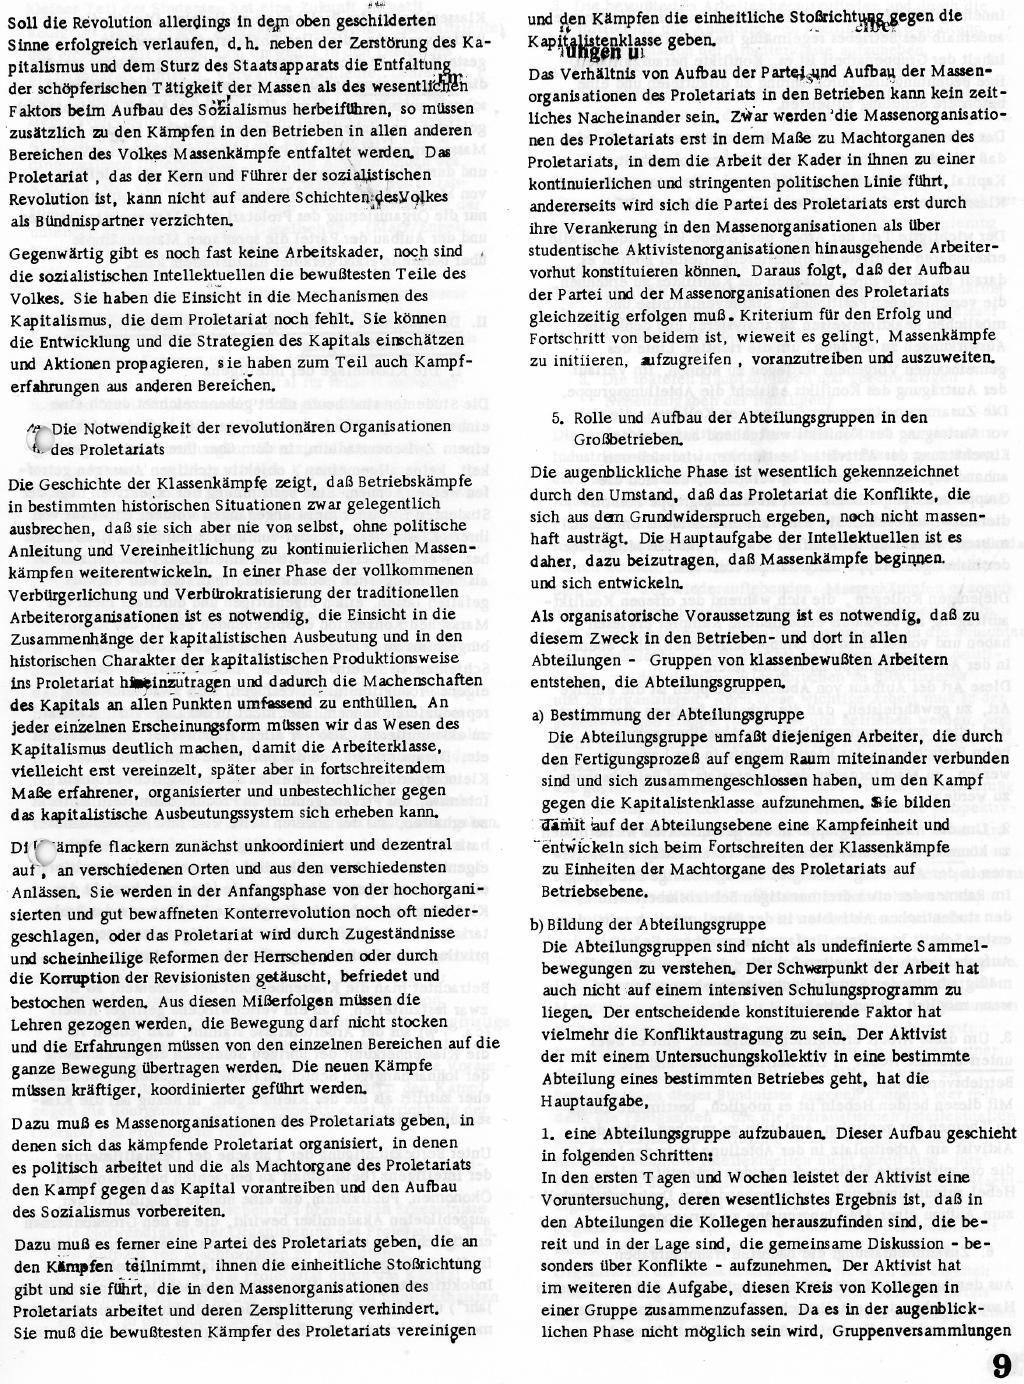 RPK_1970_076_077_09